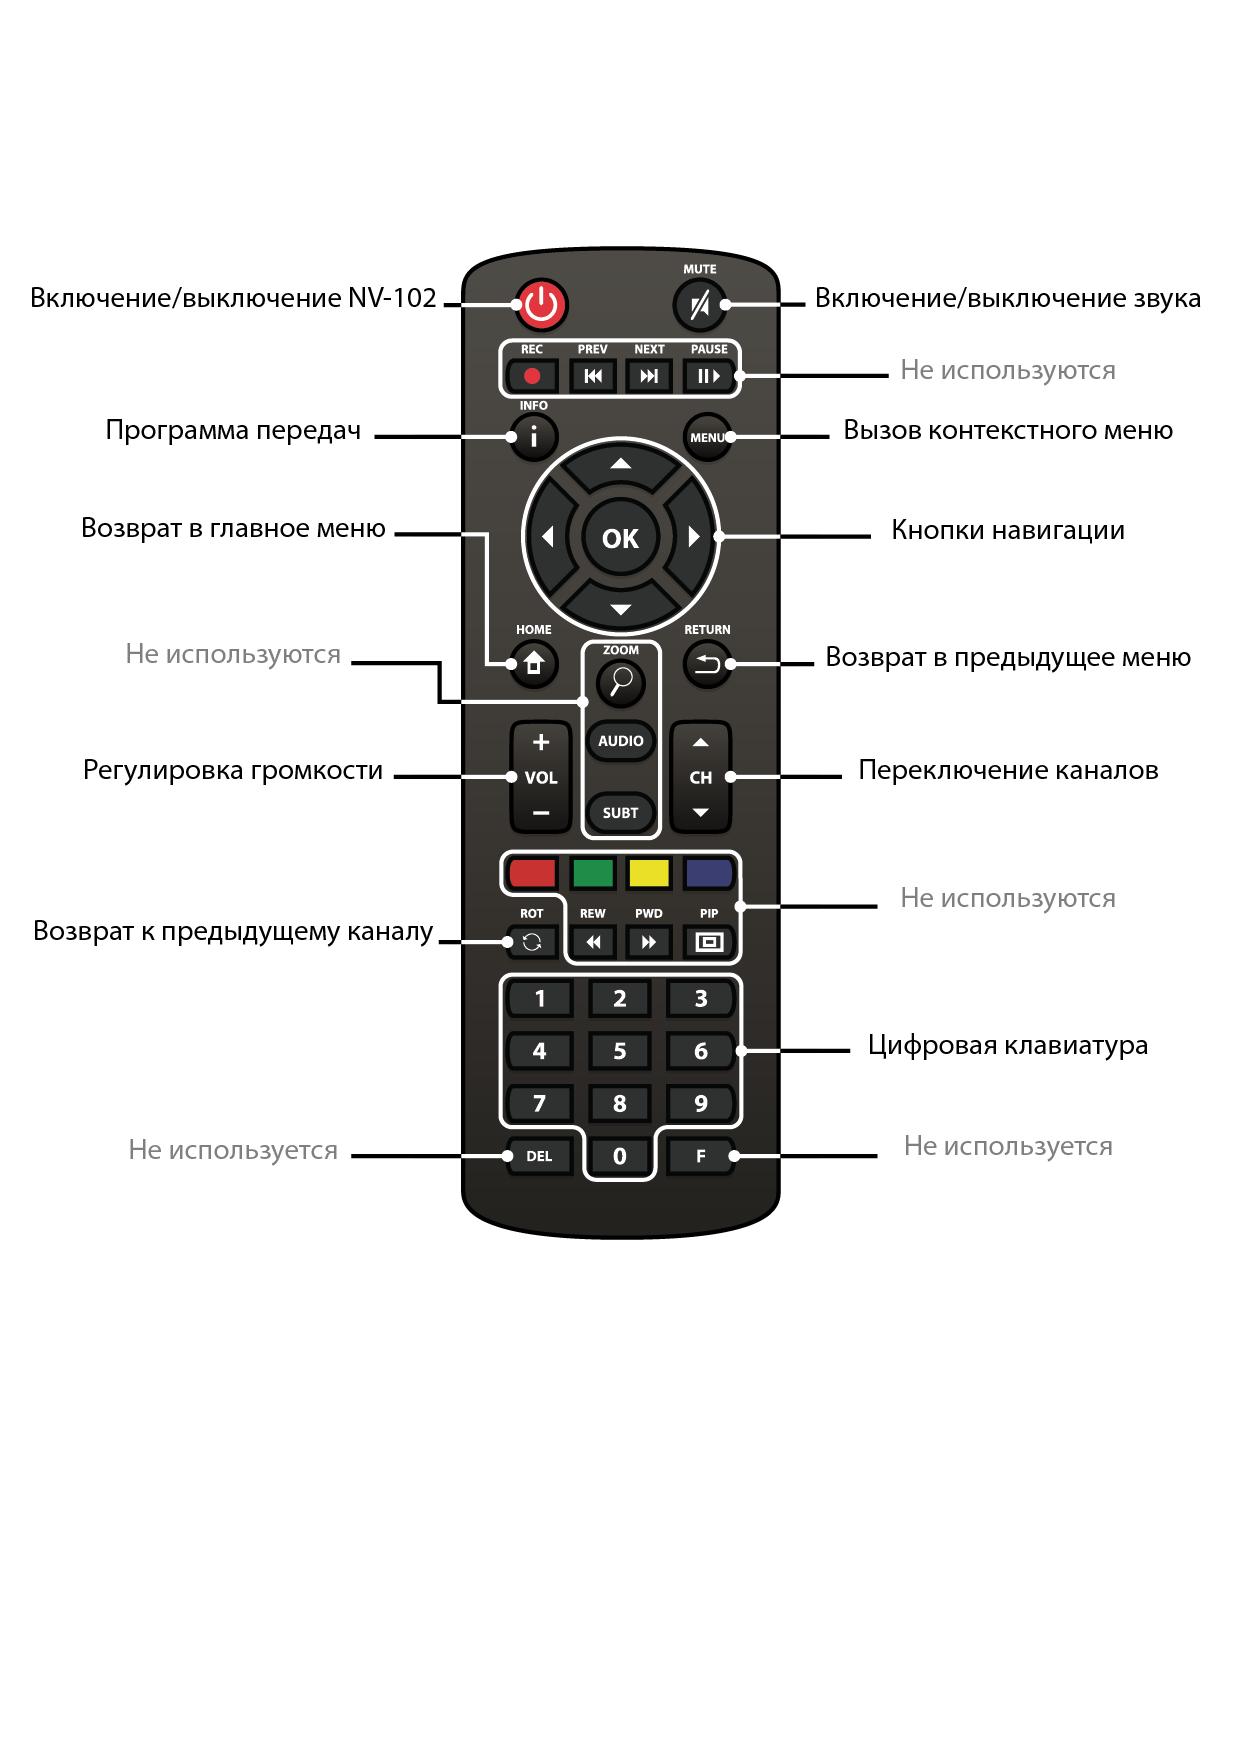 Инструкция для приставка для цифрового телевидения